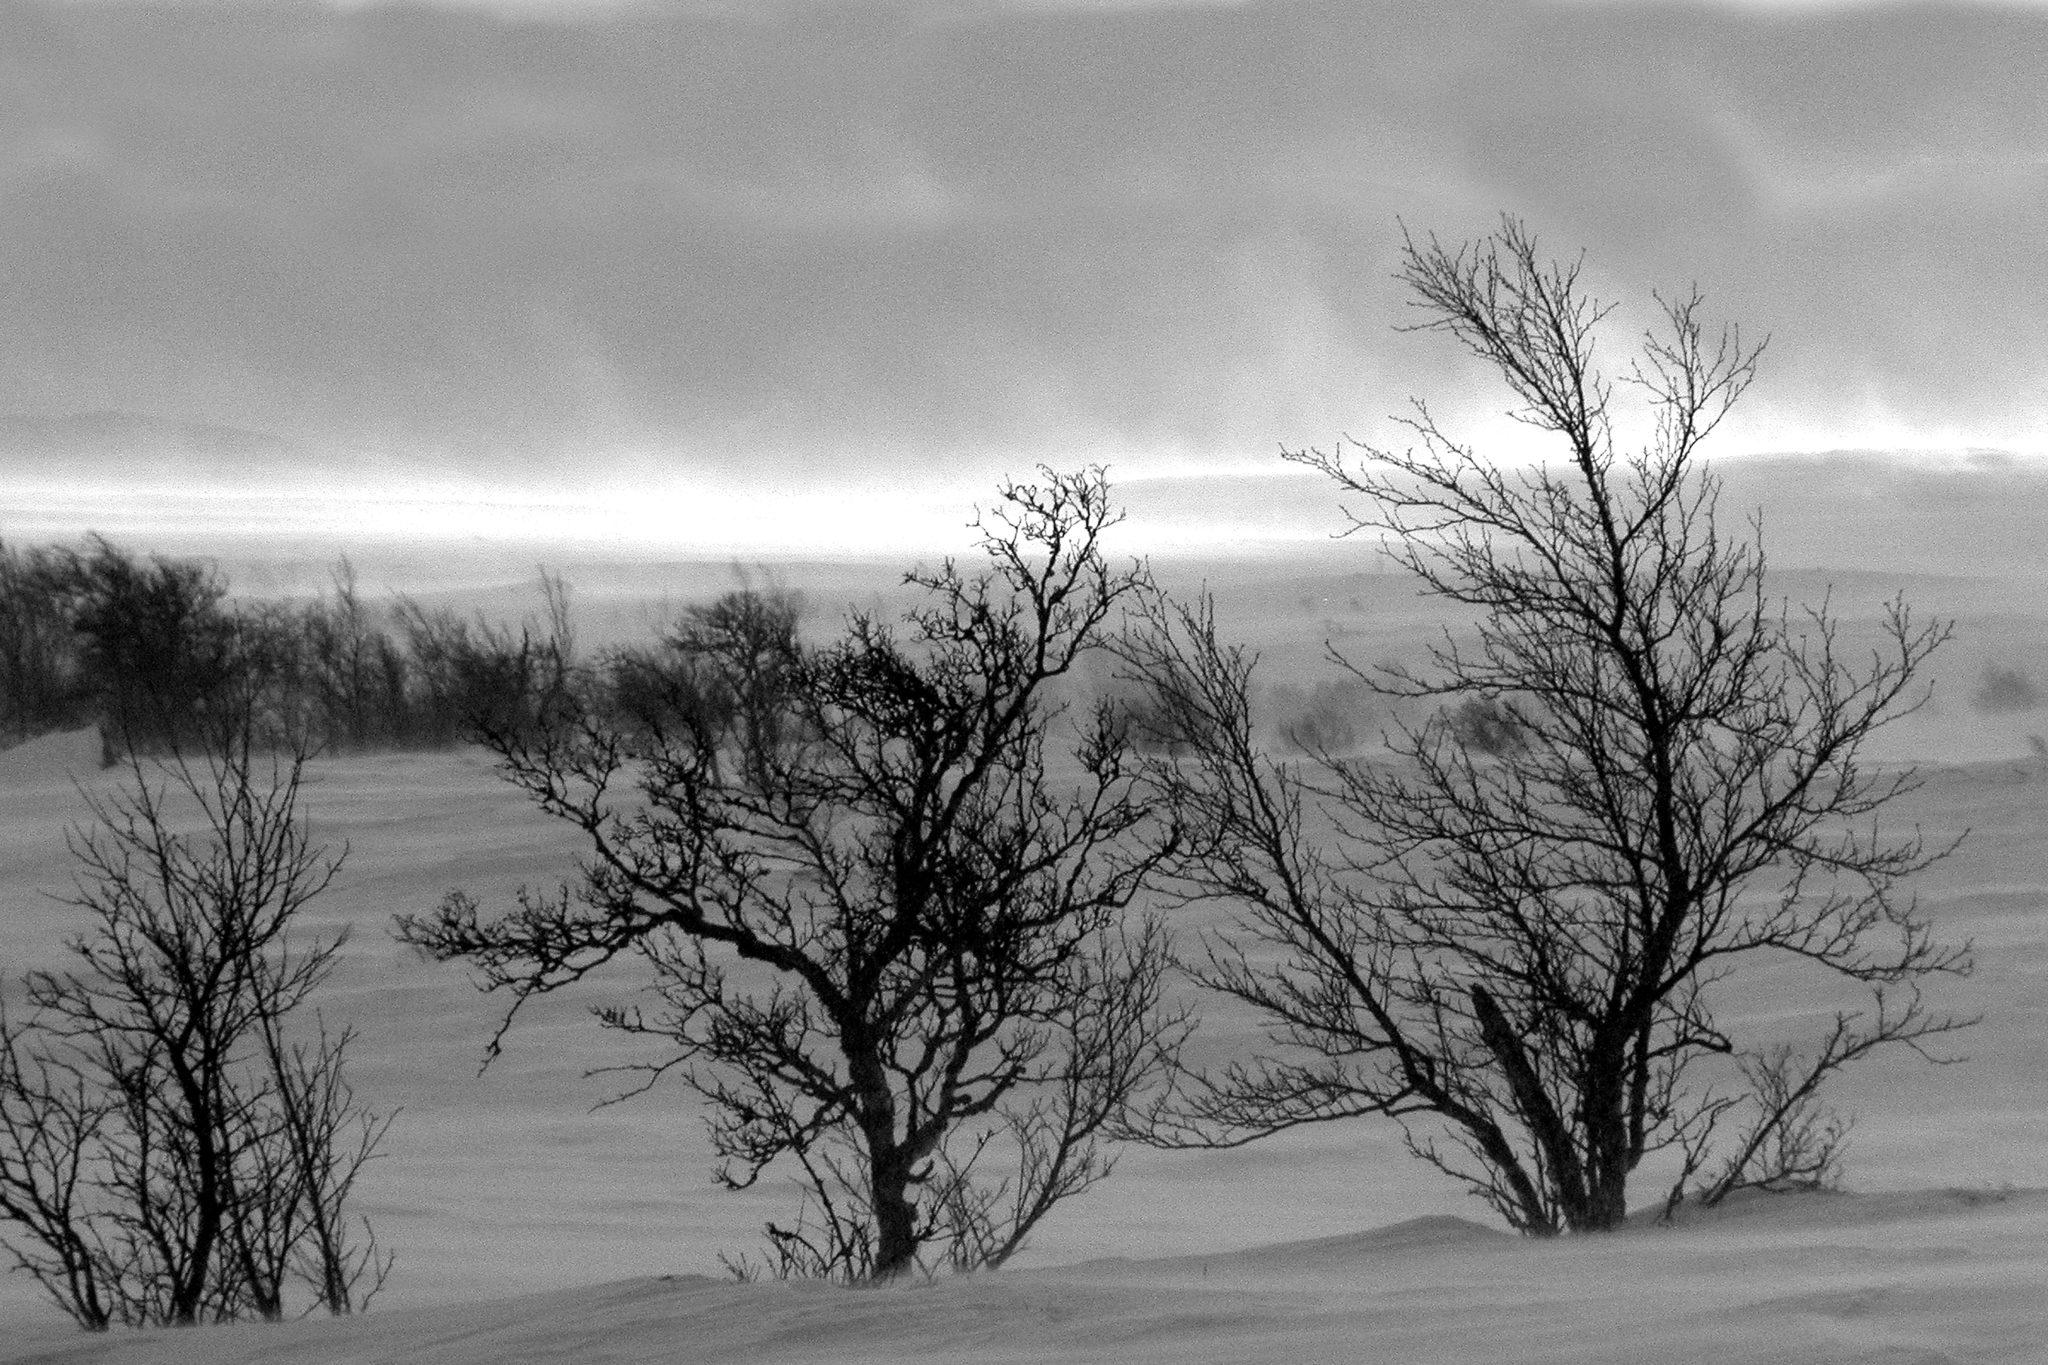 """Bildet – som jeg kaller """"Snøstorm"""" – var en slik dag. Fint vær da jeg forlot bilen for å se etter ryper ved Snødølhøgda, men i løpet av kort tid skiftet været til en forrykende snøstorm. Ingen ryper den dagen men mange fine bilder med mye vær"""